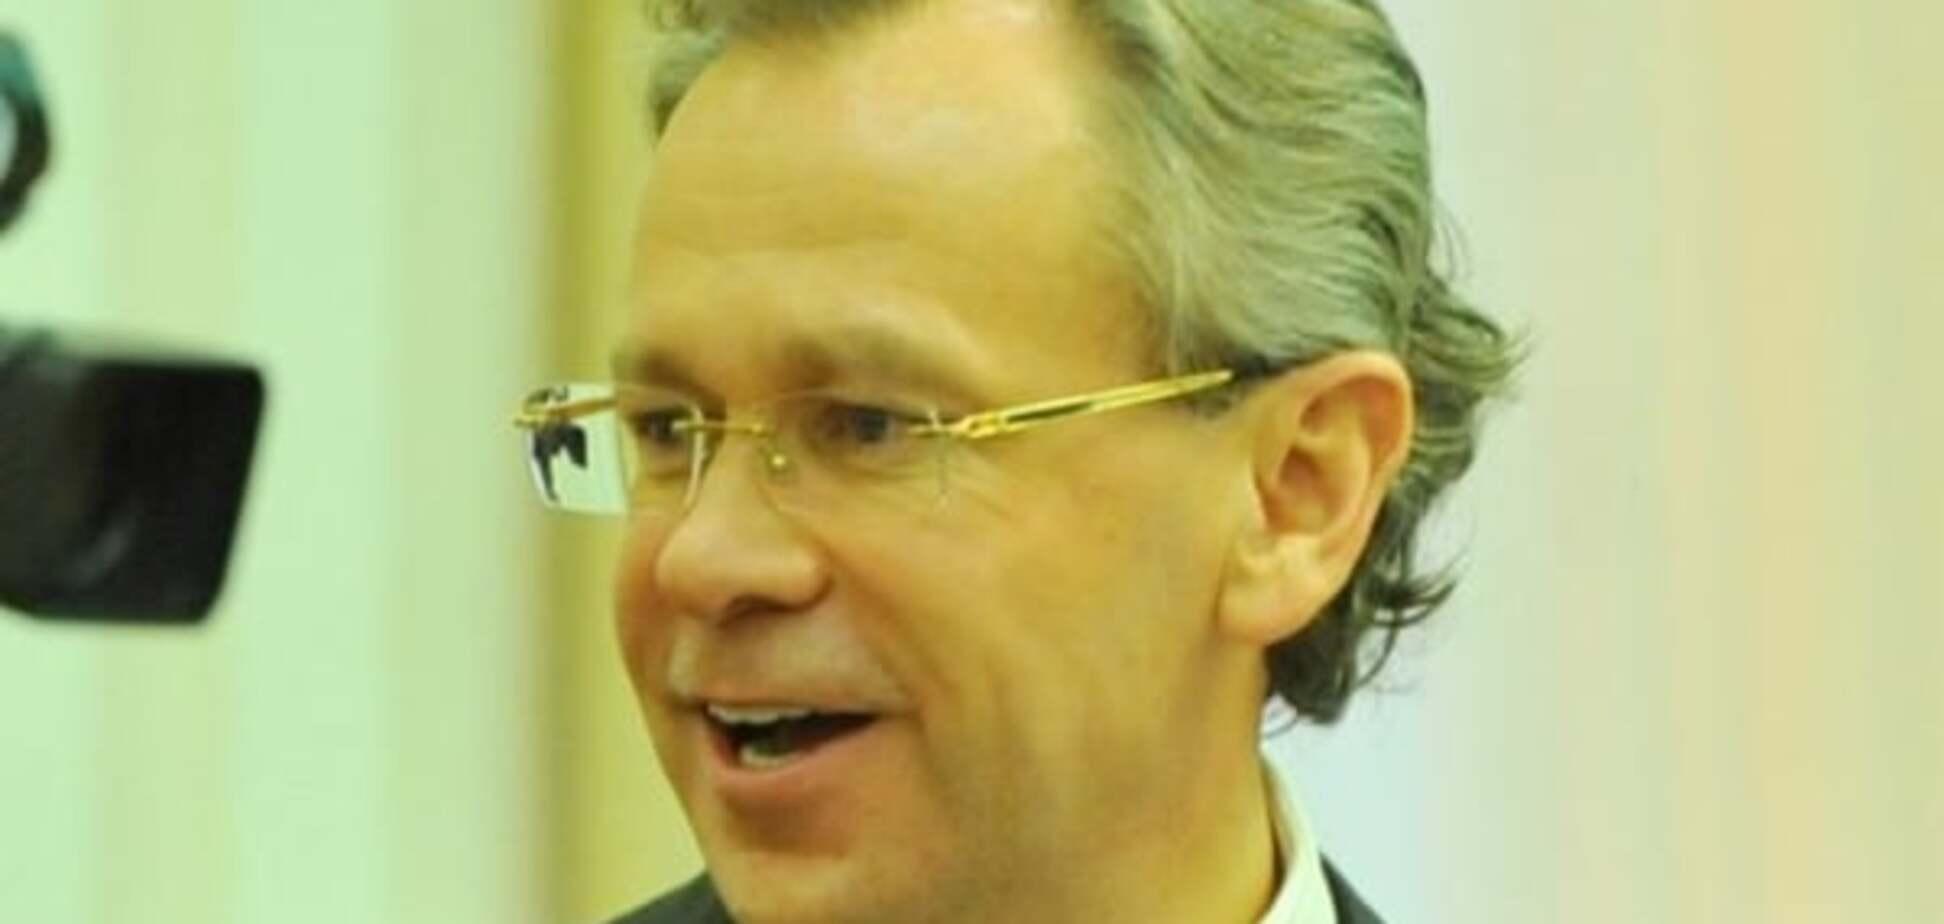 Інтерпол заблокував розшук екс-міністра Присяжнюка: документ